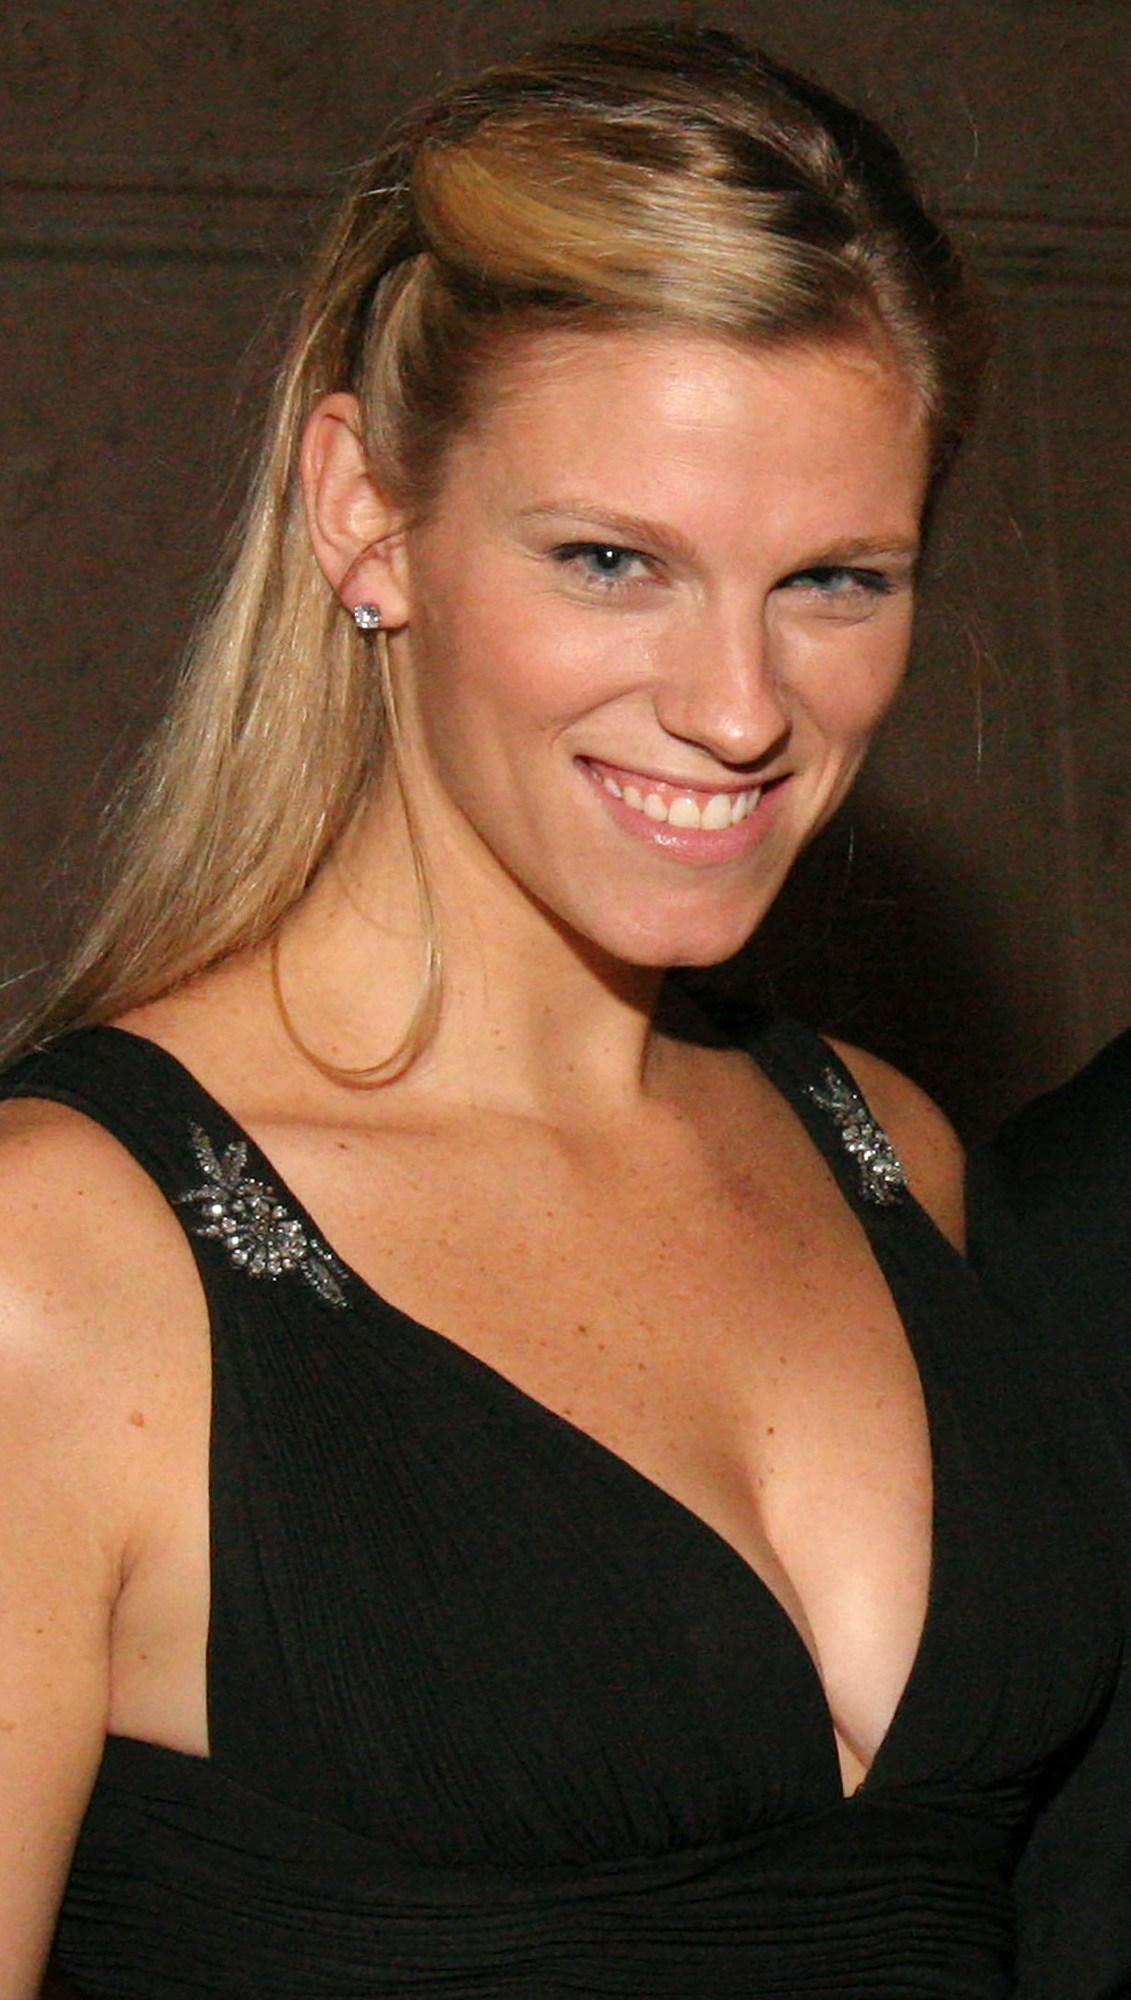 Lindsay Shookus, UsWeekly Celebrity Biography